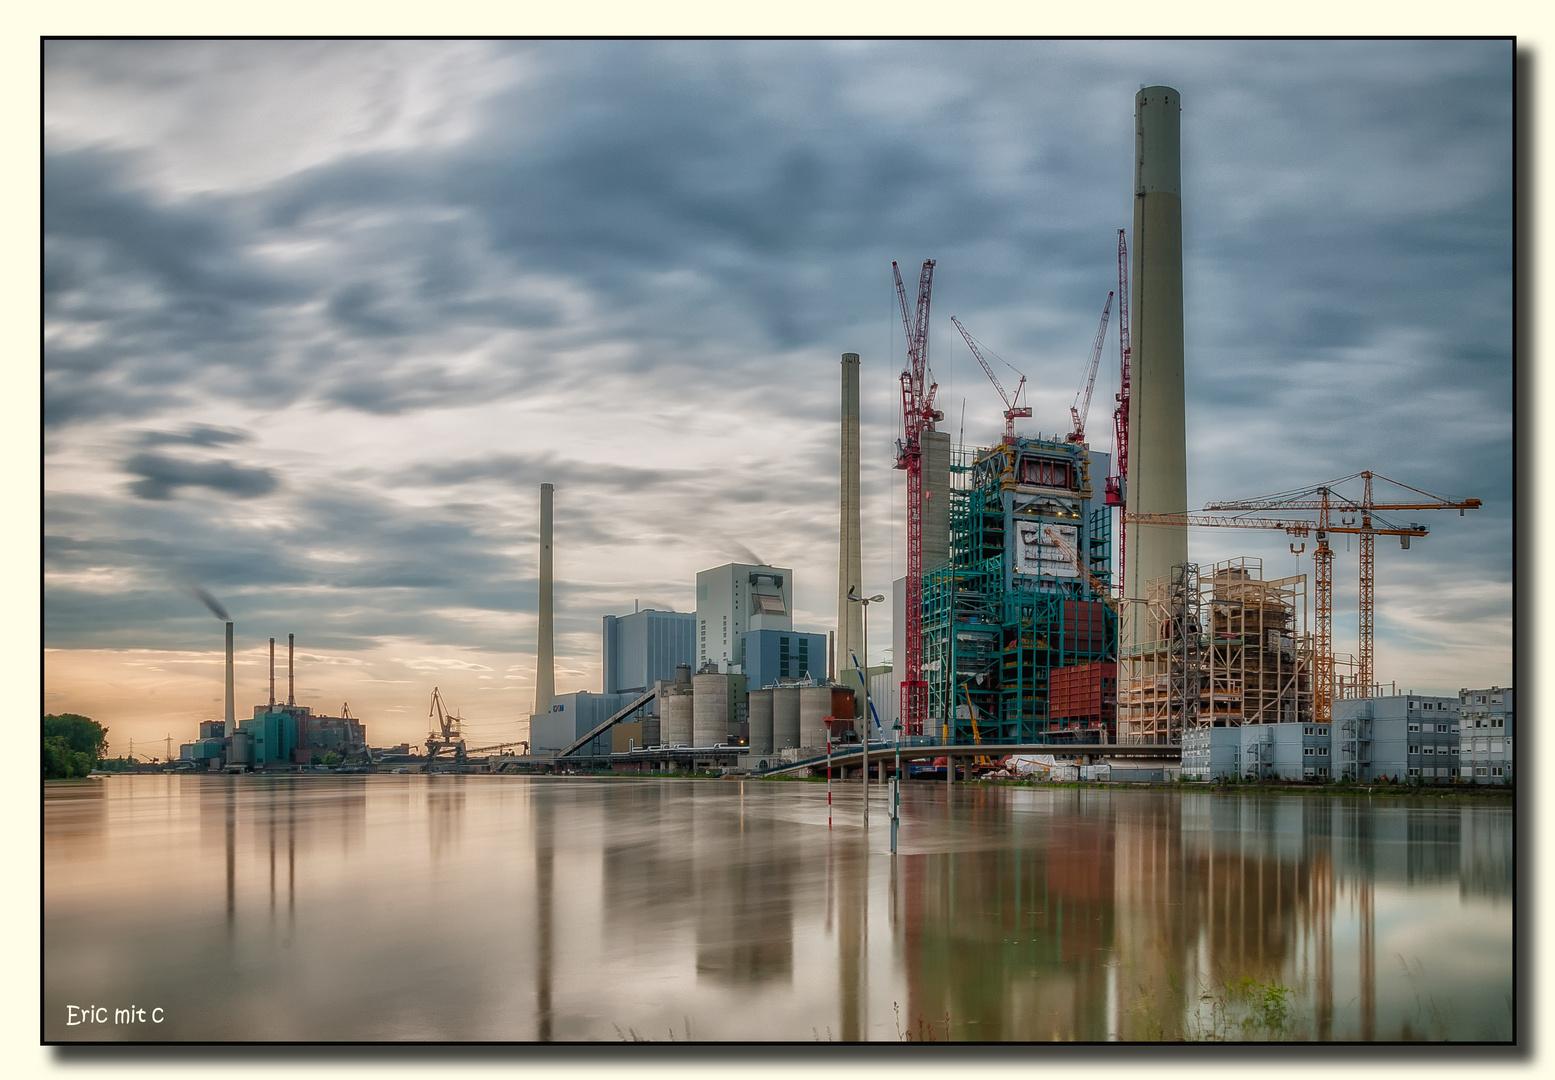 Hochwasser am Großkraftwerk Mannheim